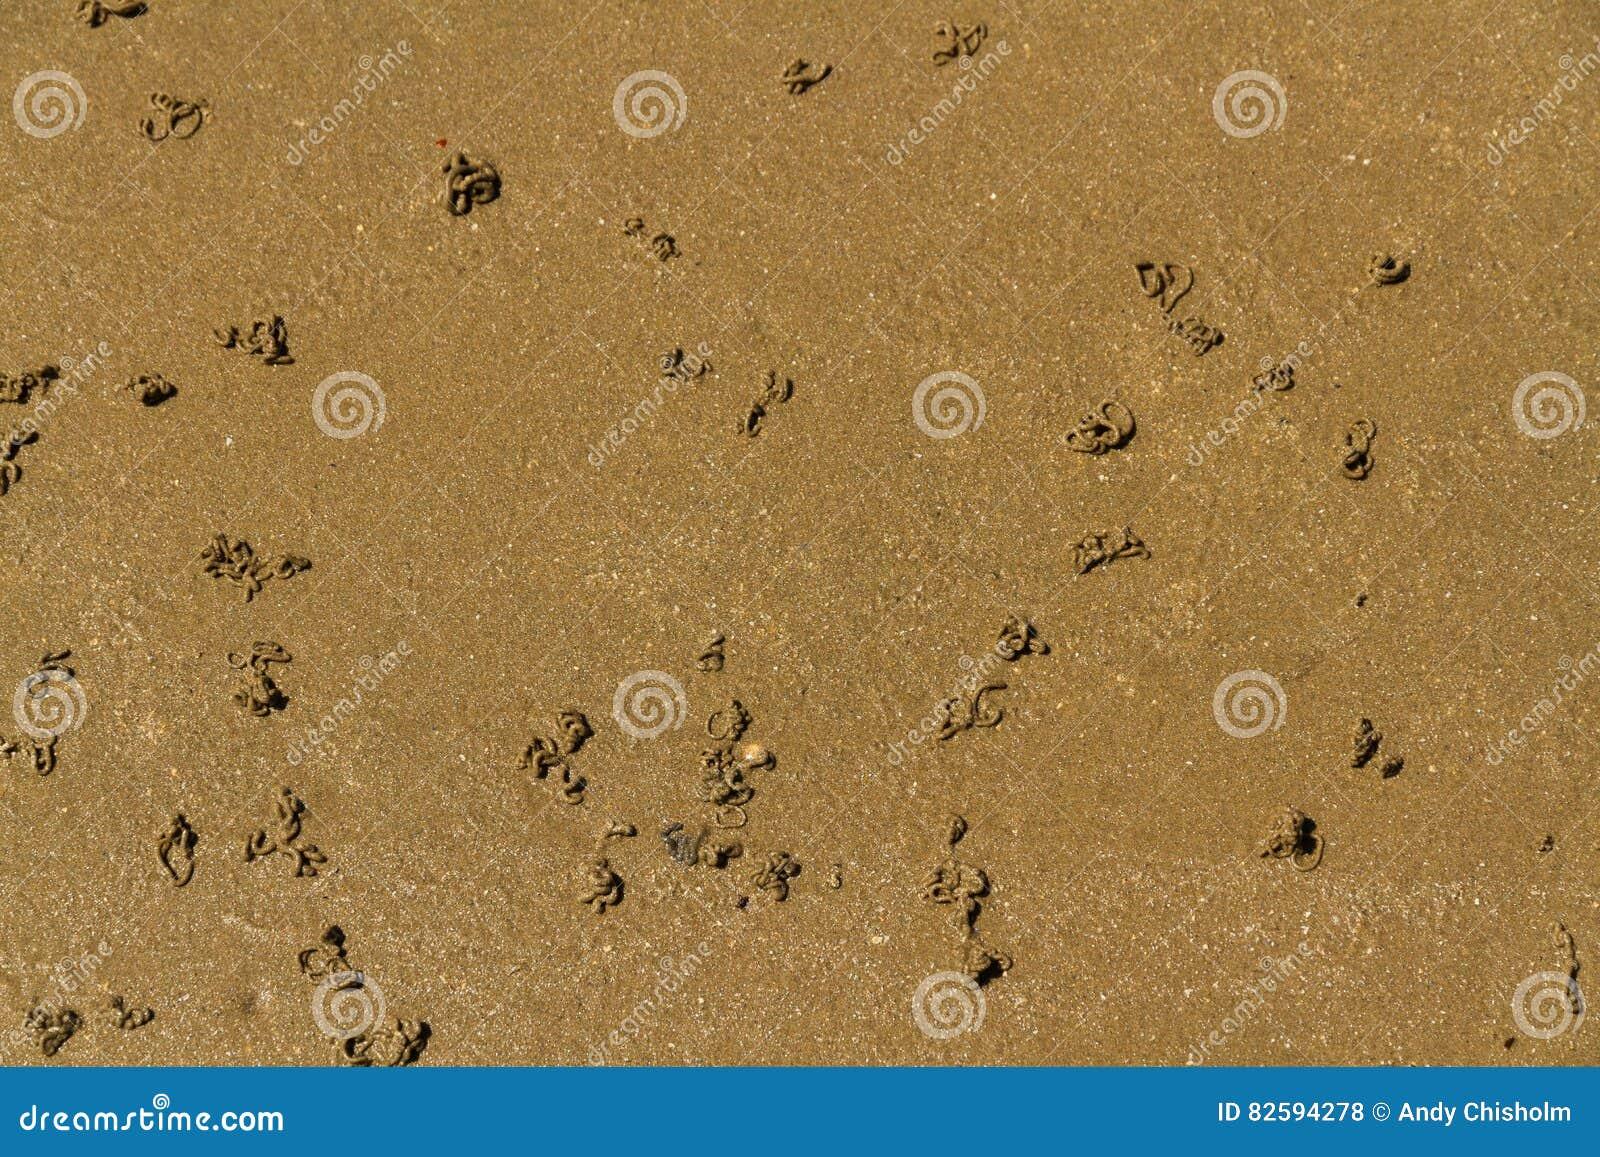 Moldes del gusano de la lombriz para cebo en la playa